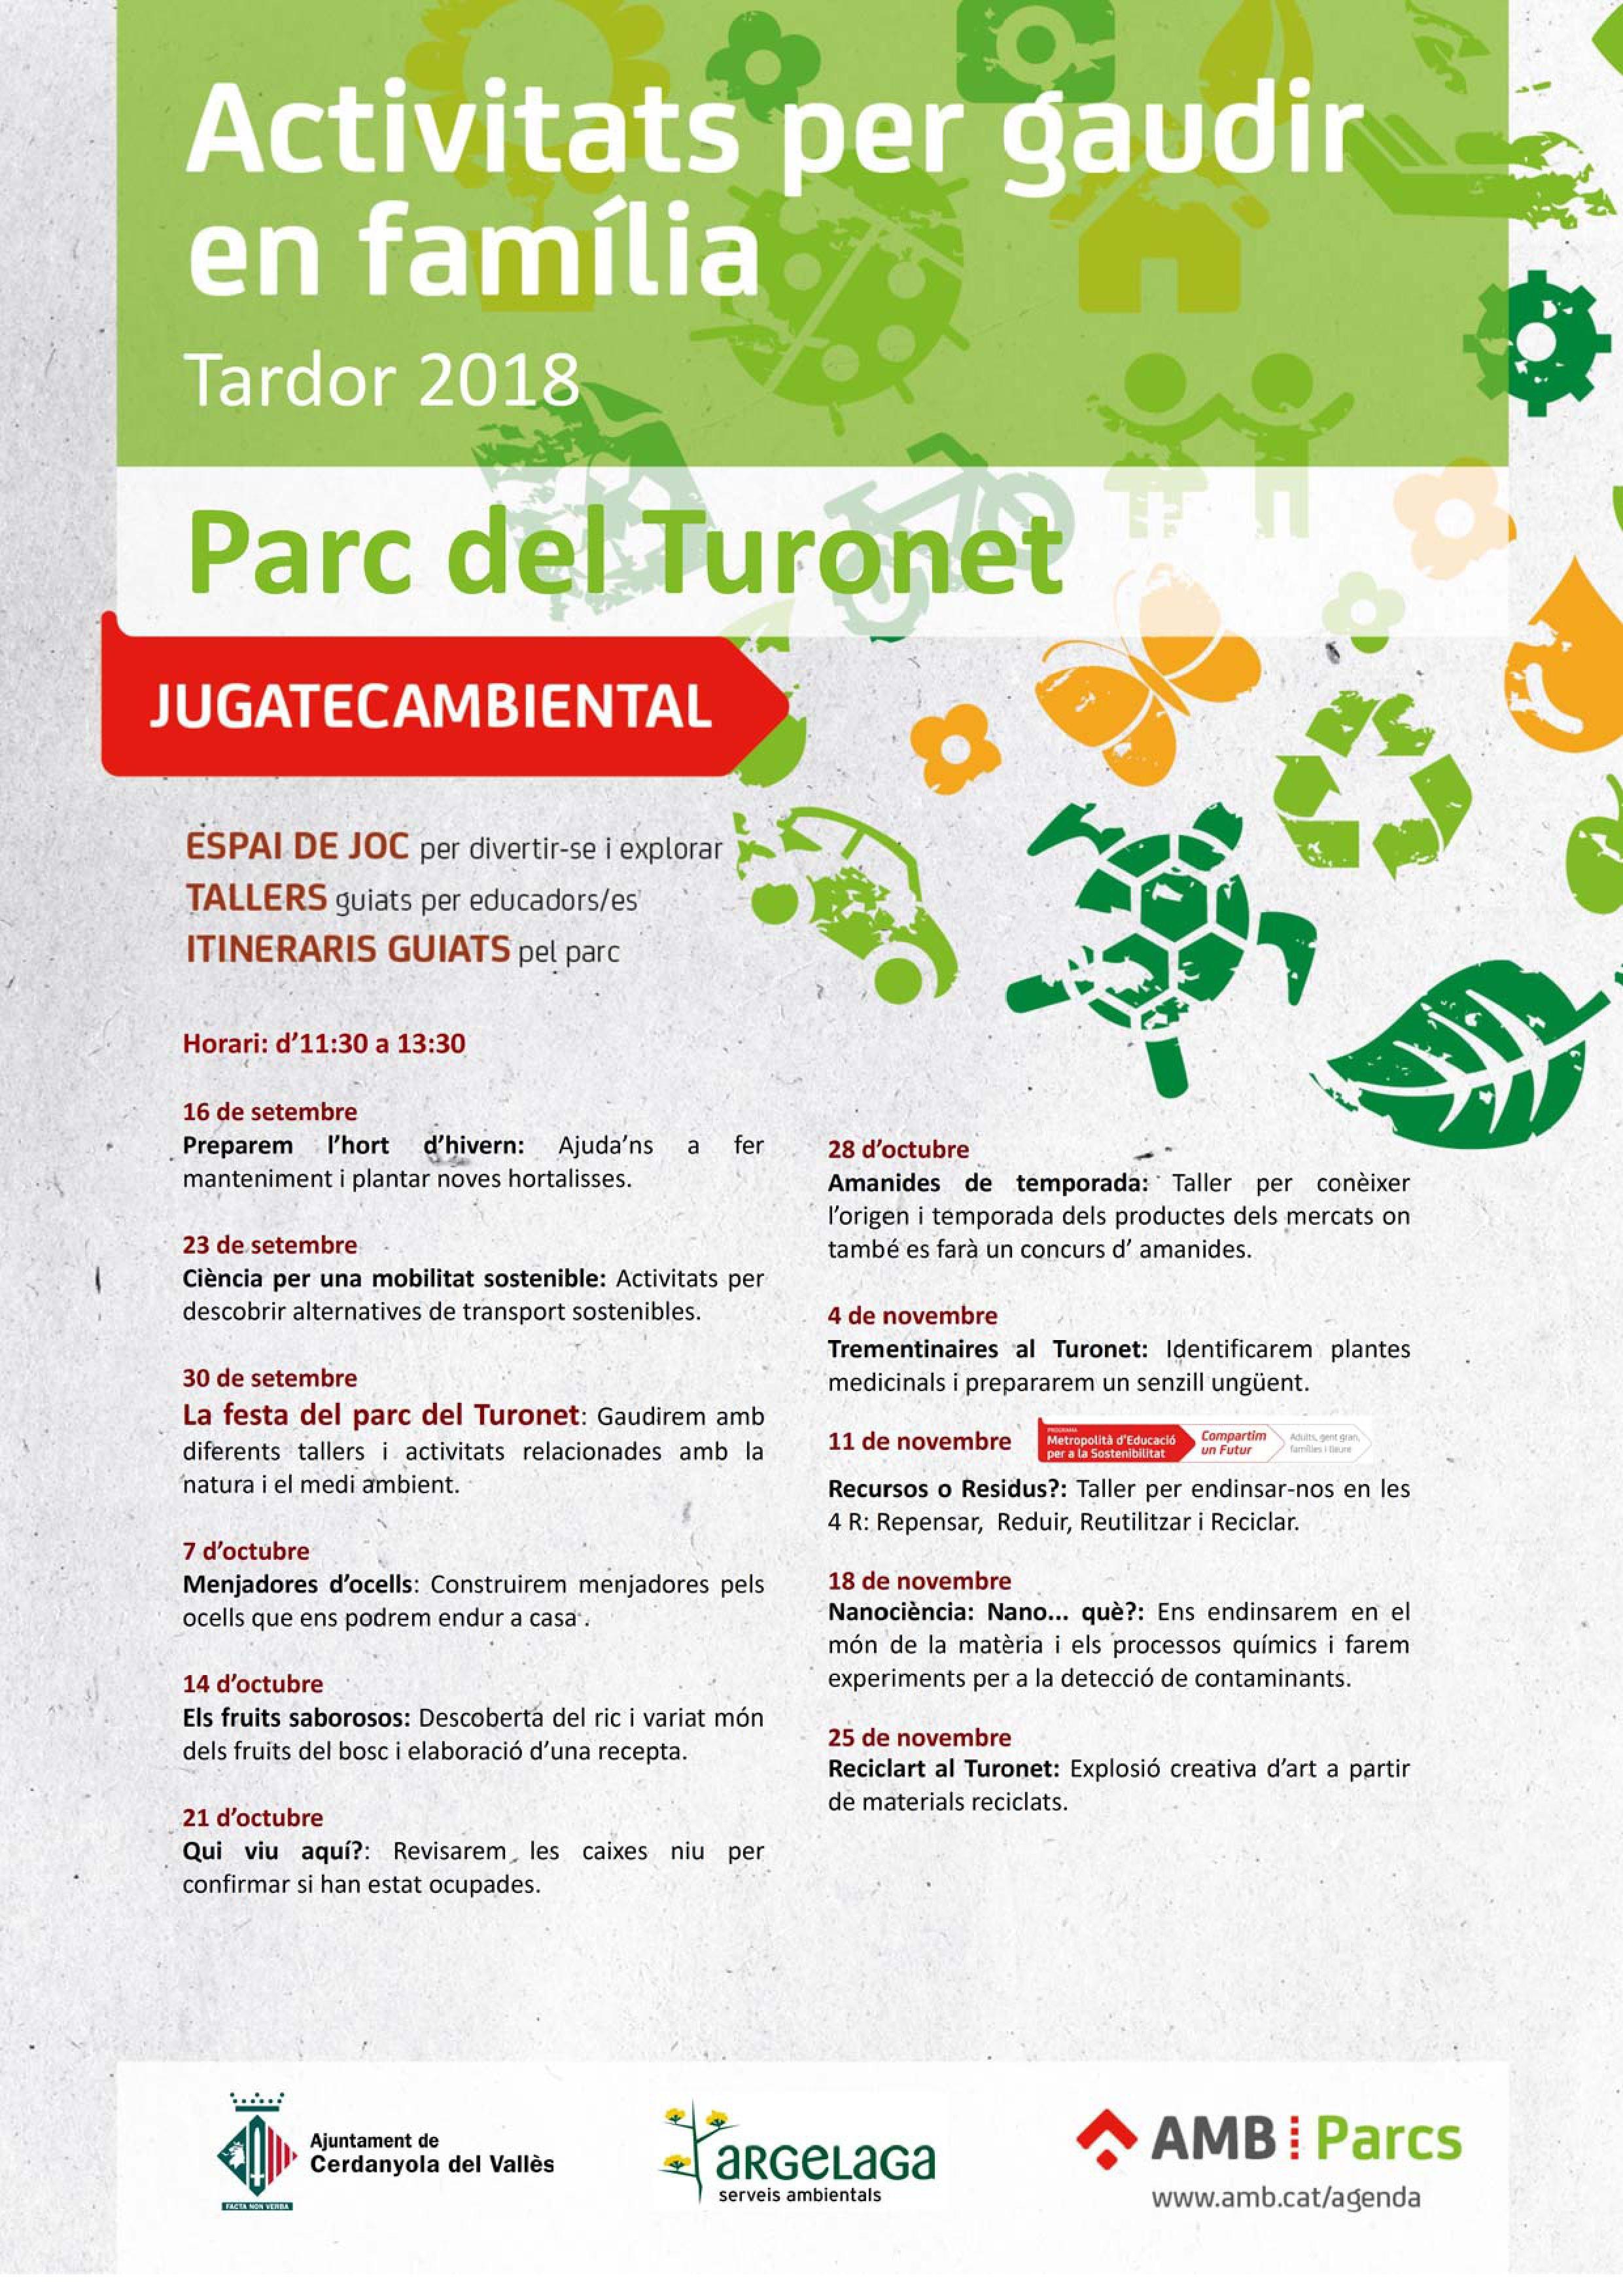 Cartell de la nova temporada de la Jugatecambiental